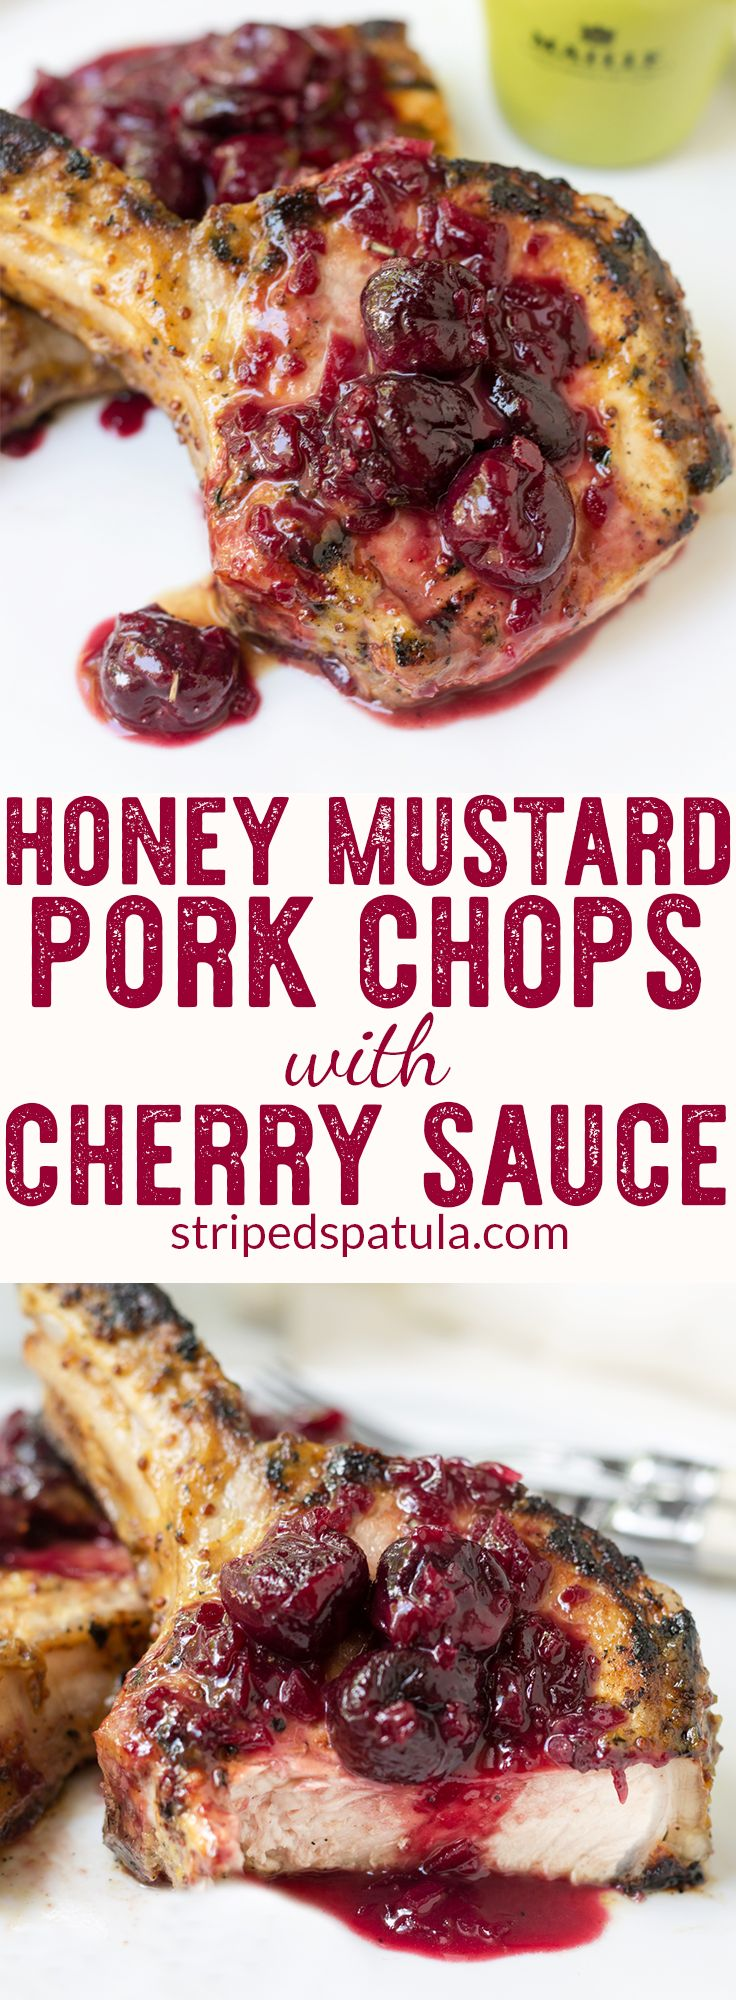 [sponsored] Pork Chop Recipes   Pork Chops   Pork Recipes   Grilled Pork Chops   Grilling Recipes   Mustard Recipes   Cherry Recipes